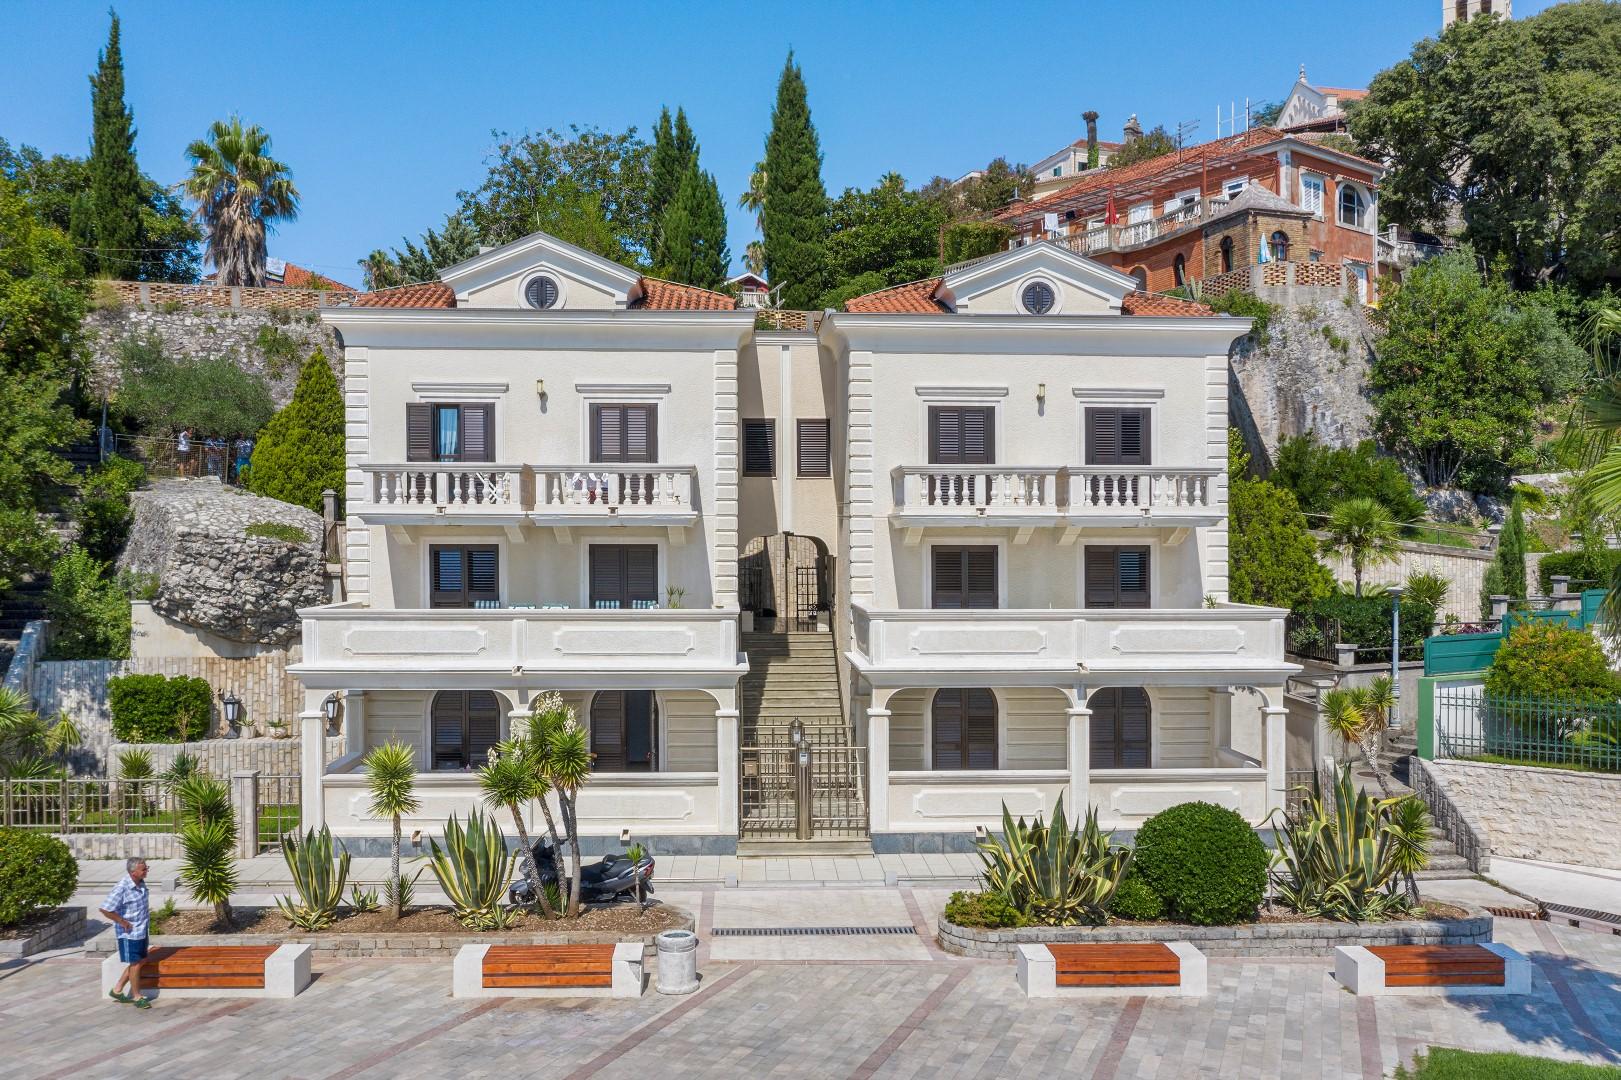 Herceg Novi, Savina – ekskluzivna vila na prvoj liniji do mora, na placu od 1,408m2